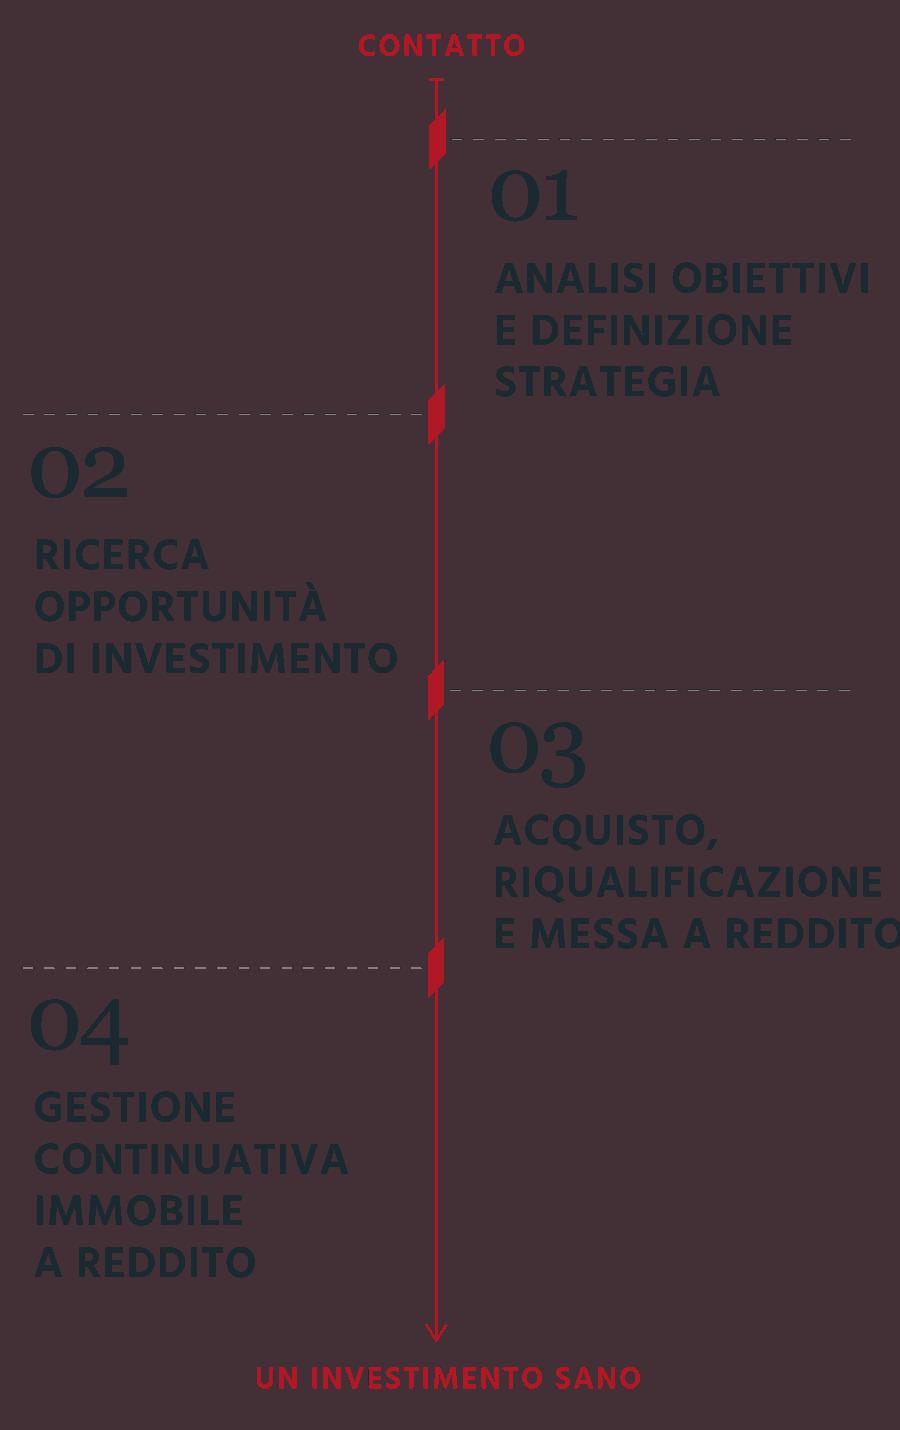 Grafico processo verticale